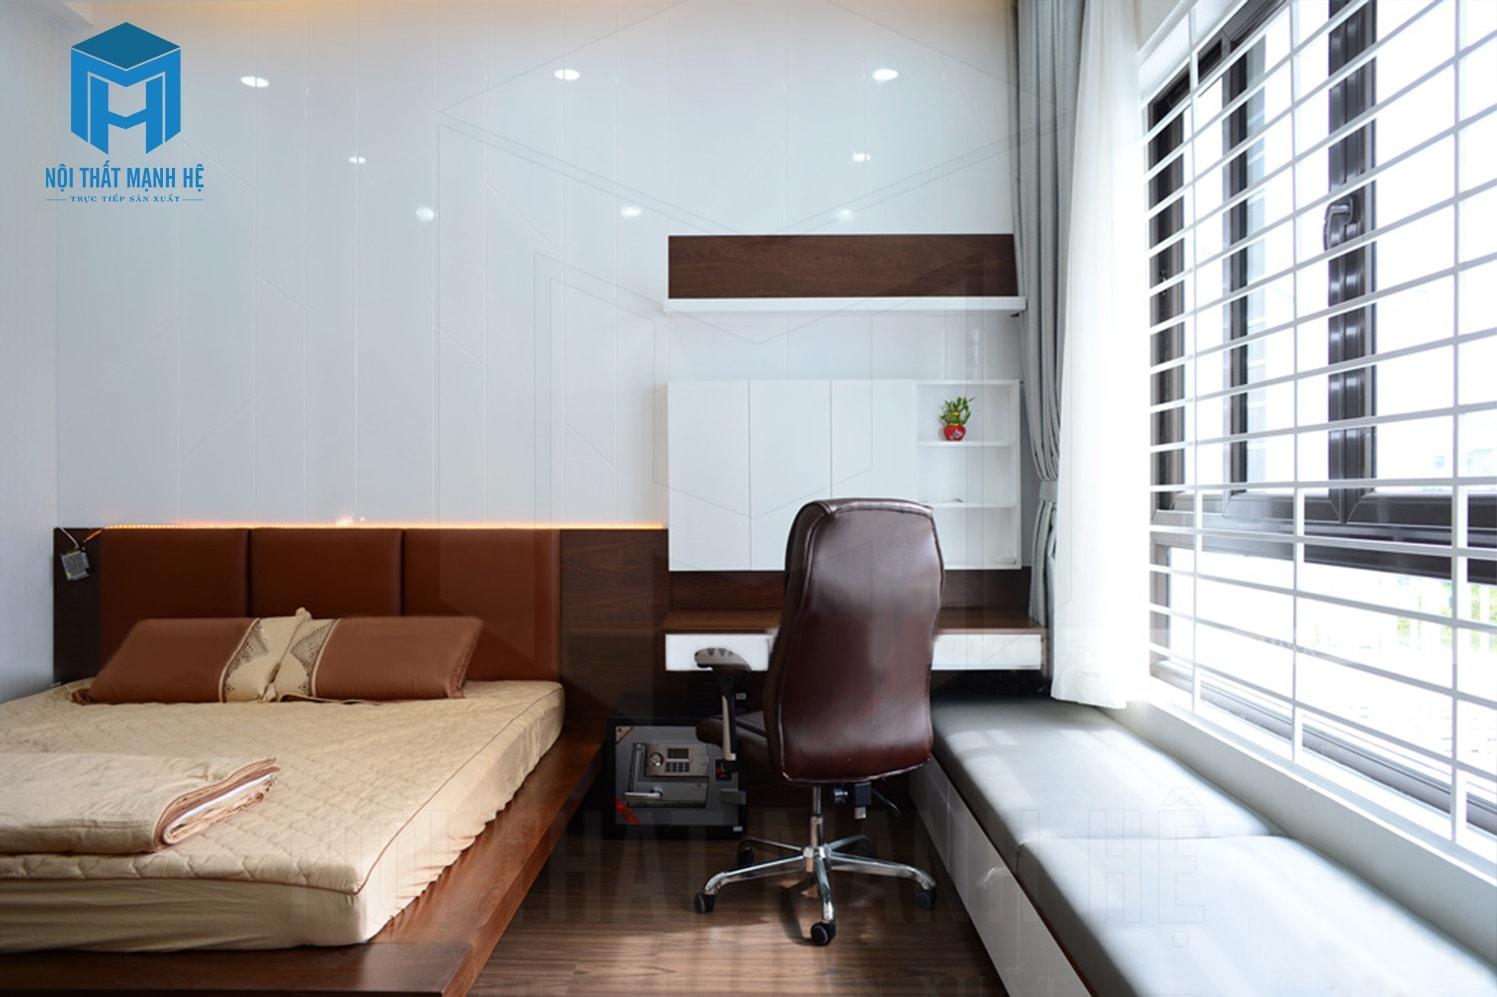 Phòng ngủ được bố trí thêm rèm để điều chỉnh ánh sáng mặt trời